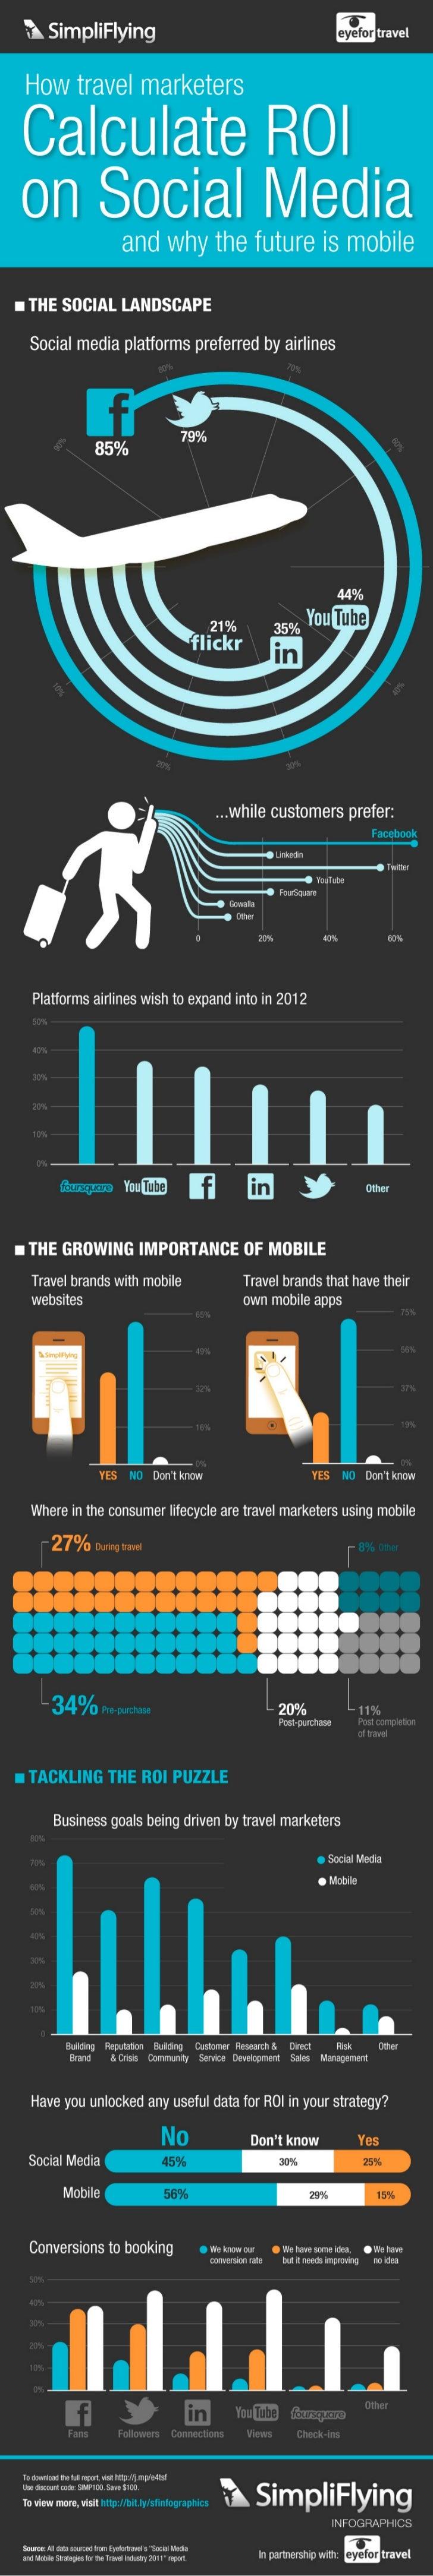 Infographic - Social Media ROI for Travel